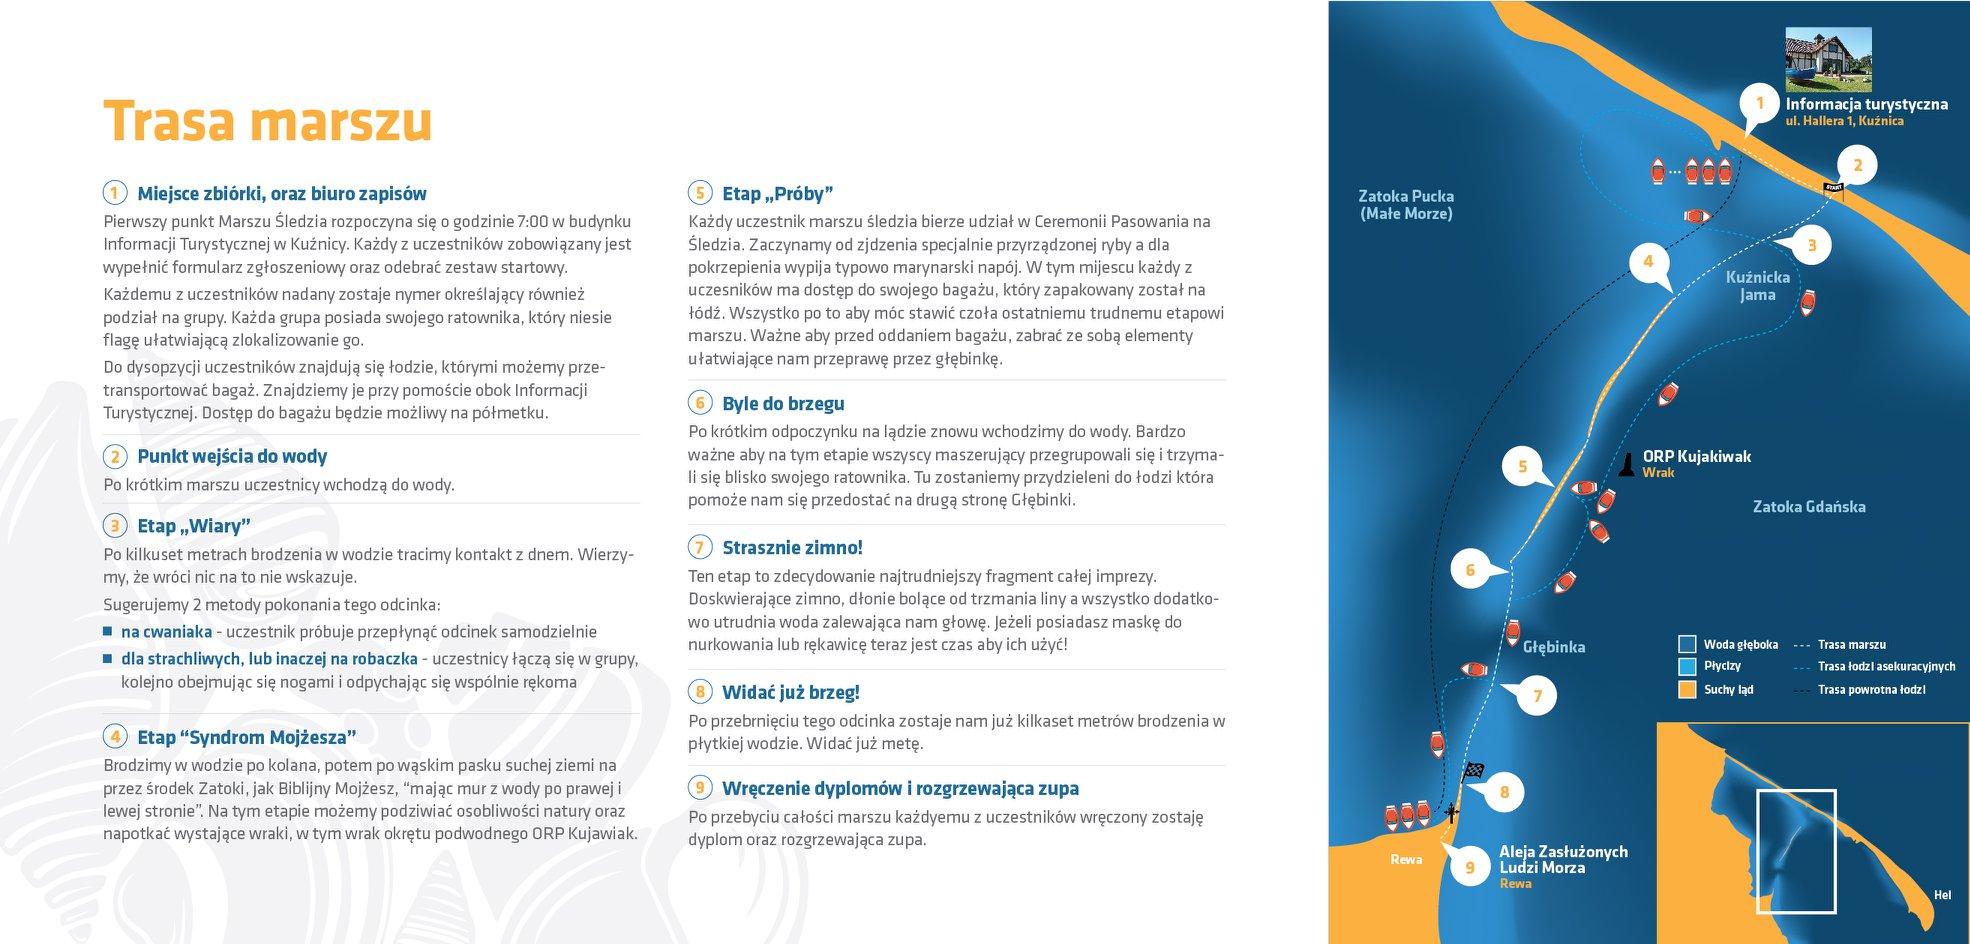 Mapka trasy i opis poszczególnych etapów marszu // fot. facebook.com/marszsledzia